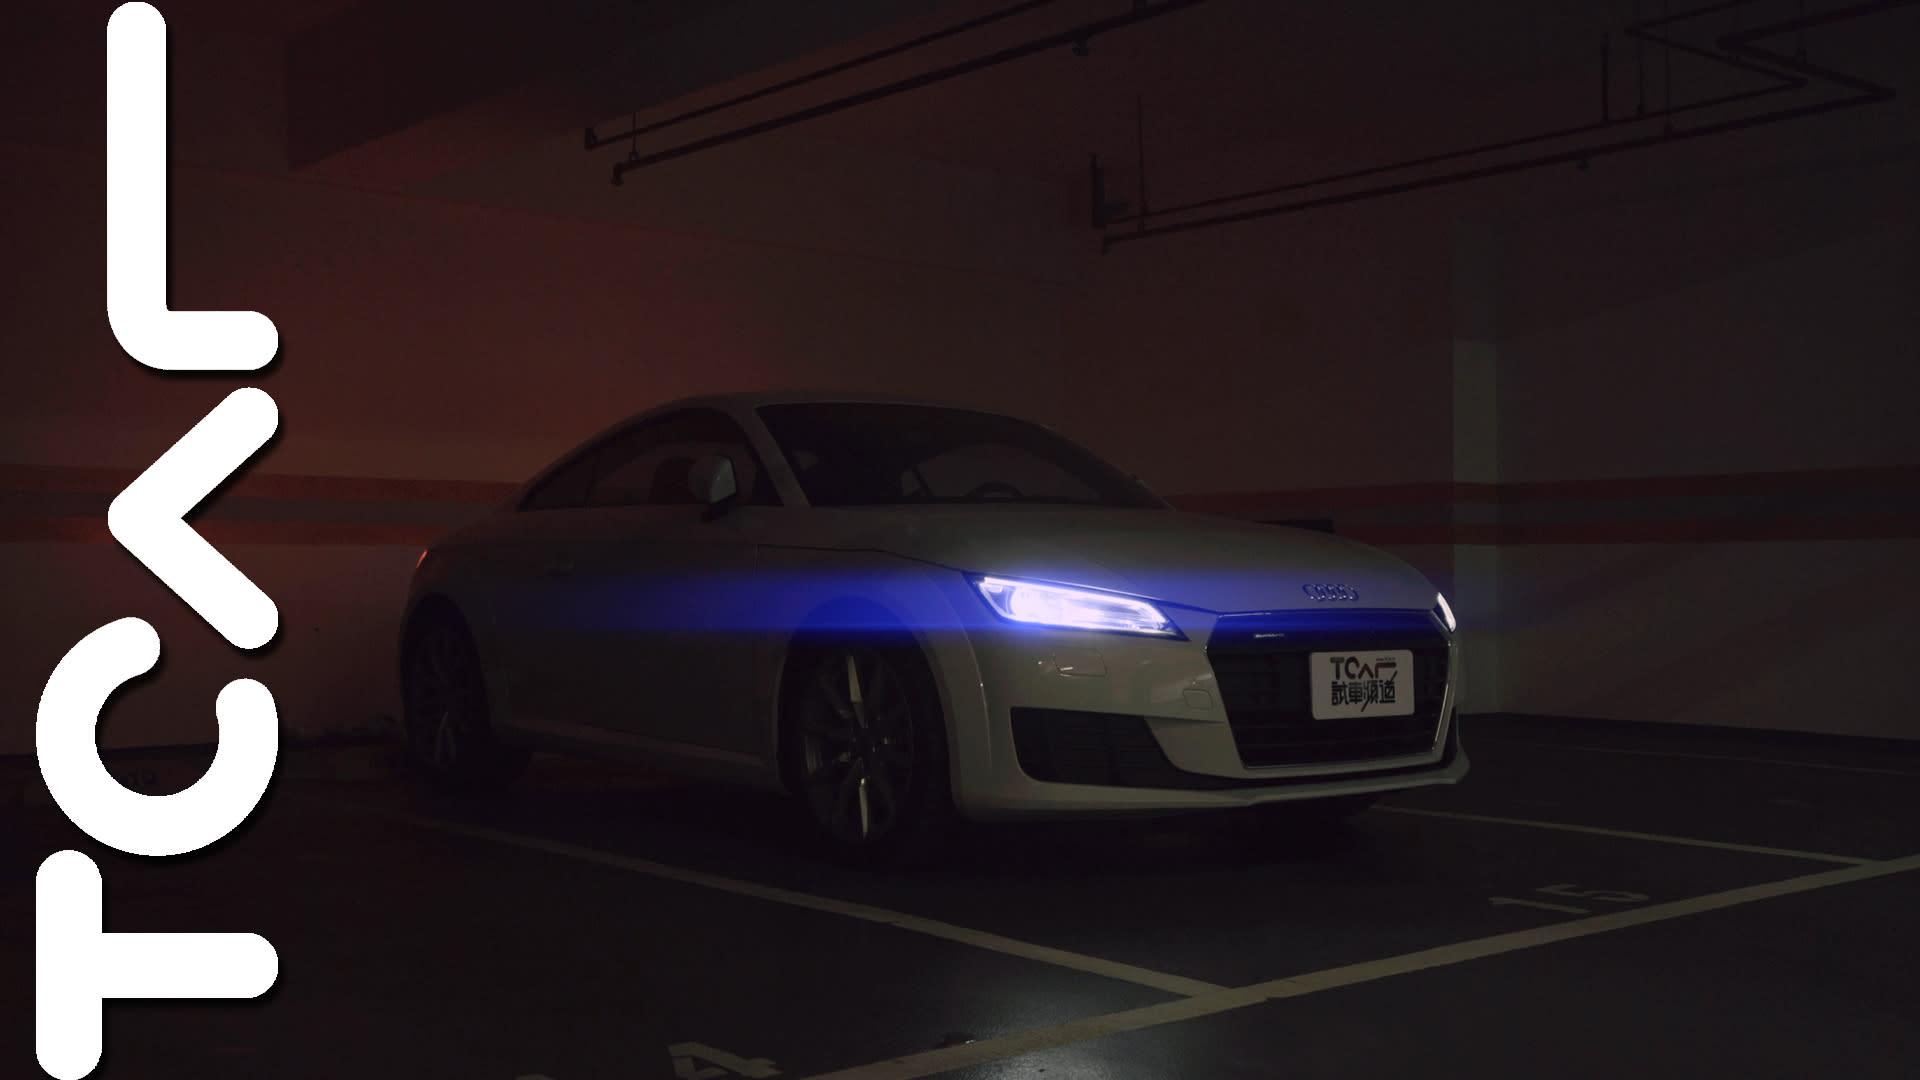 無須再夢 你也有機會和德哥一起試駕 Audi TT Coupé 活動募集 - TCAR